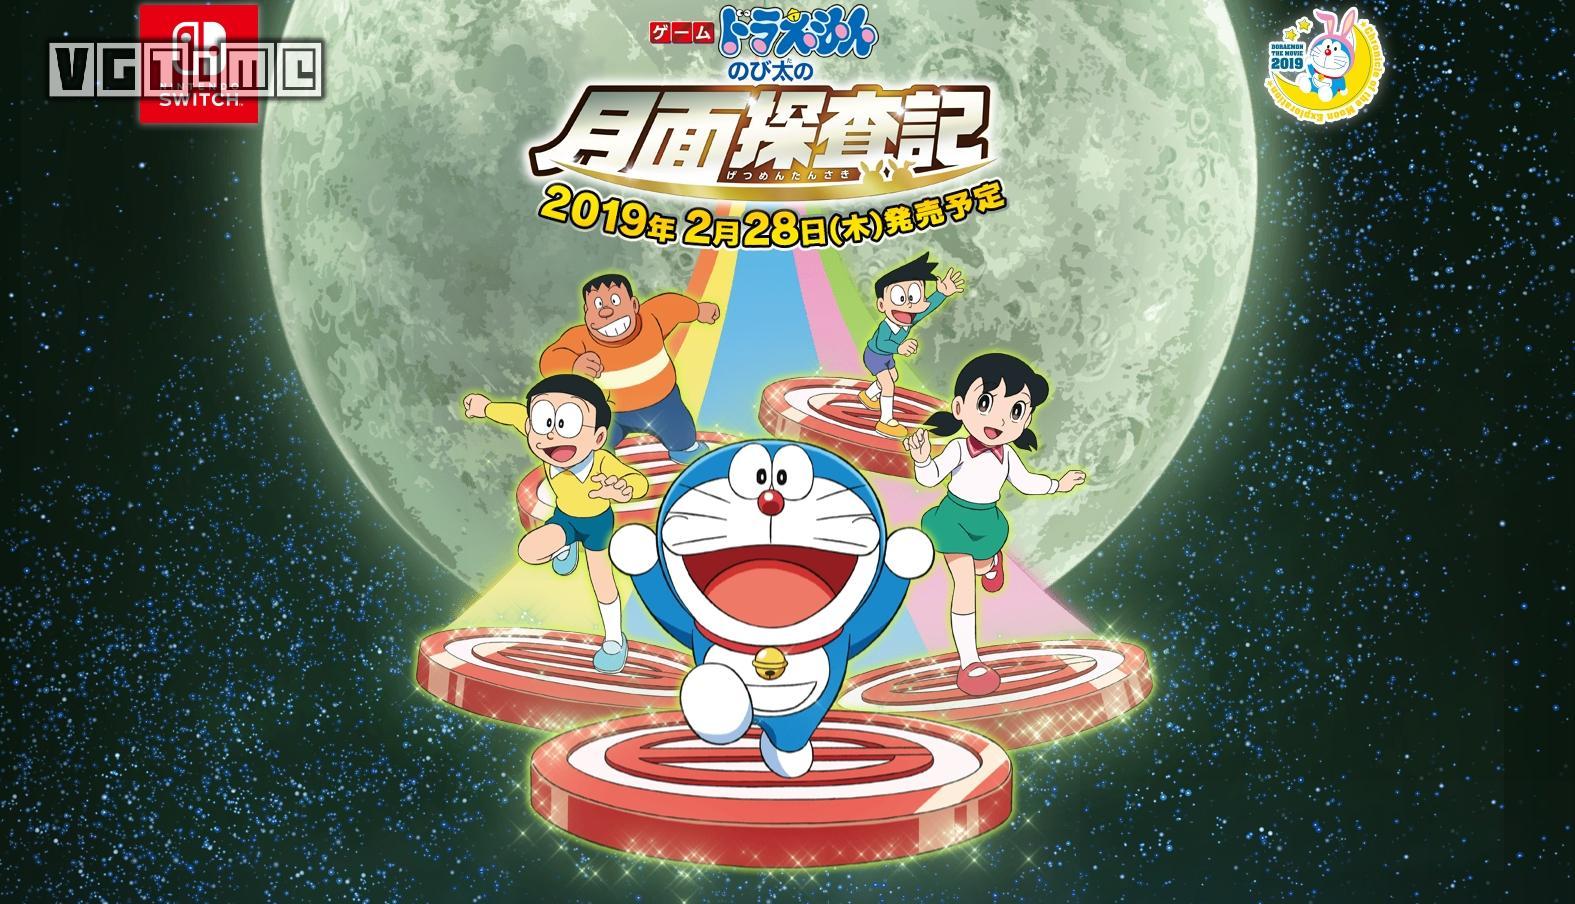 Switch《哆啦A梦 大雄的月面探查记》将于2019年2月28日发售